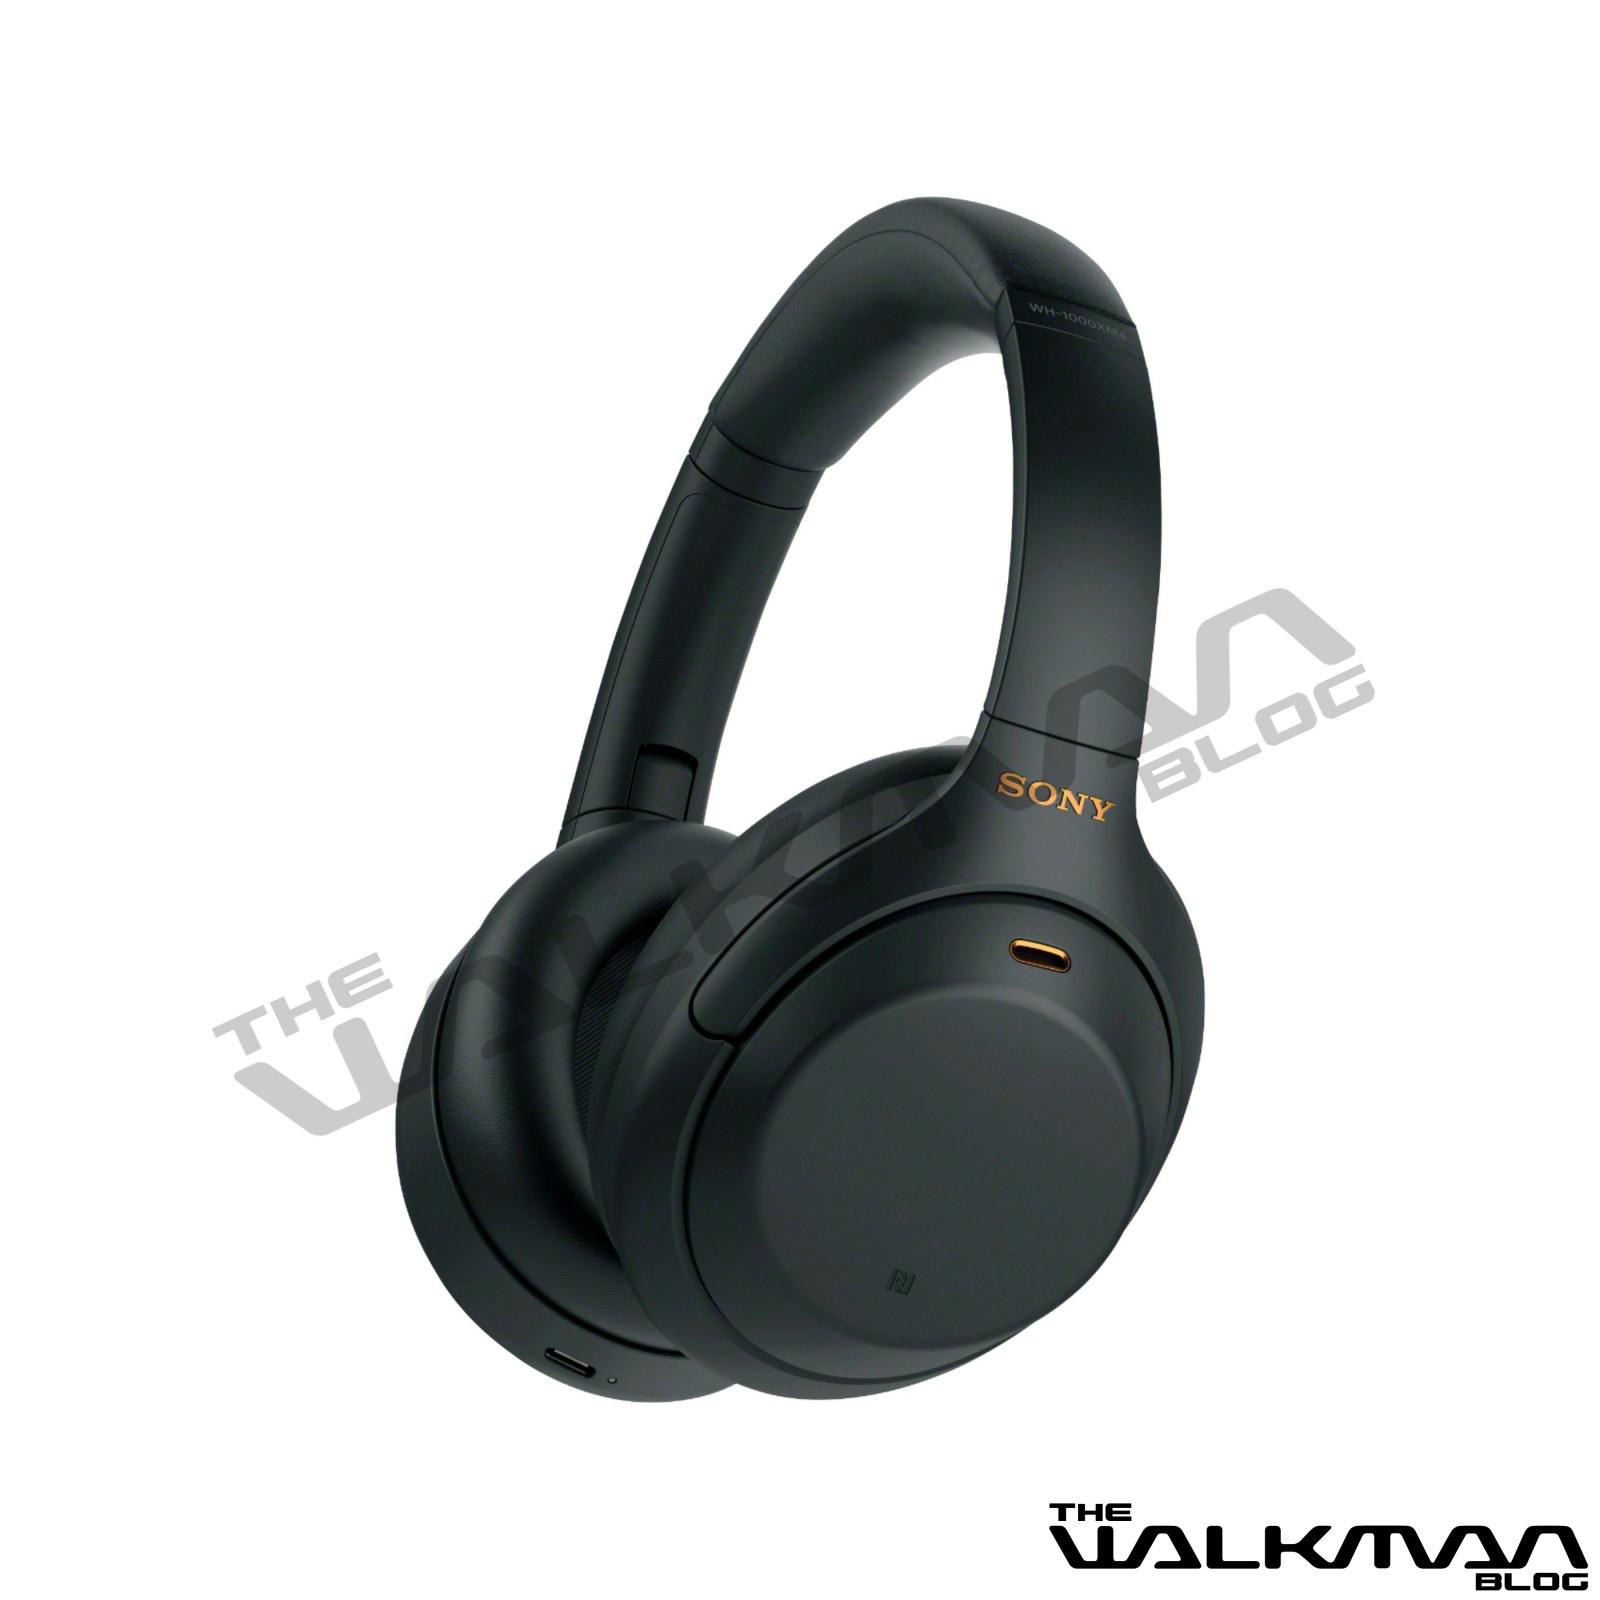 Szukasz dobrych słuchawek z ANC? Poczekaj, wkrótce premiera Sony WH-1000XM4 21